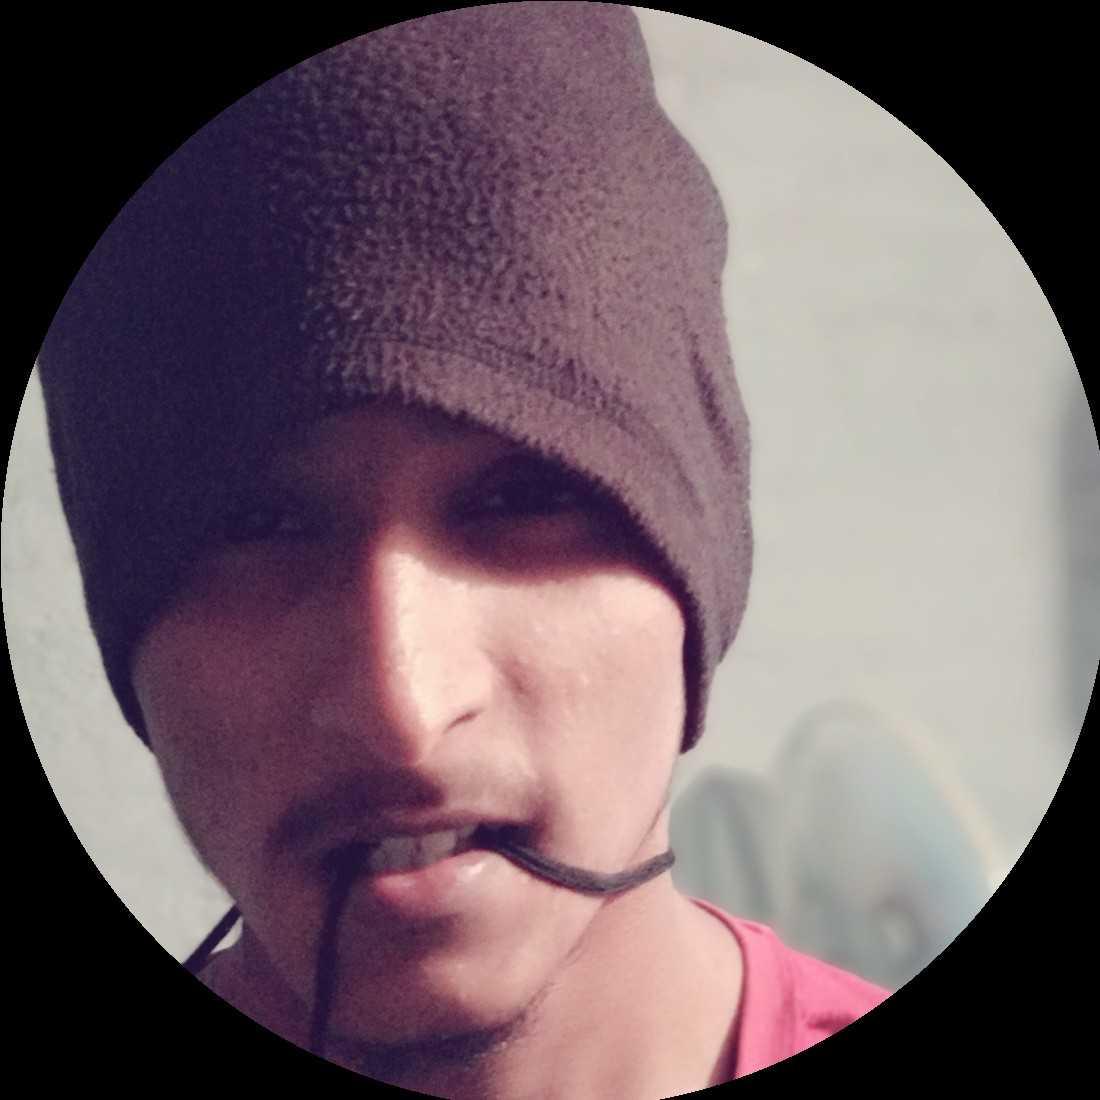 Abhishek jaiswal